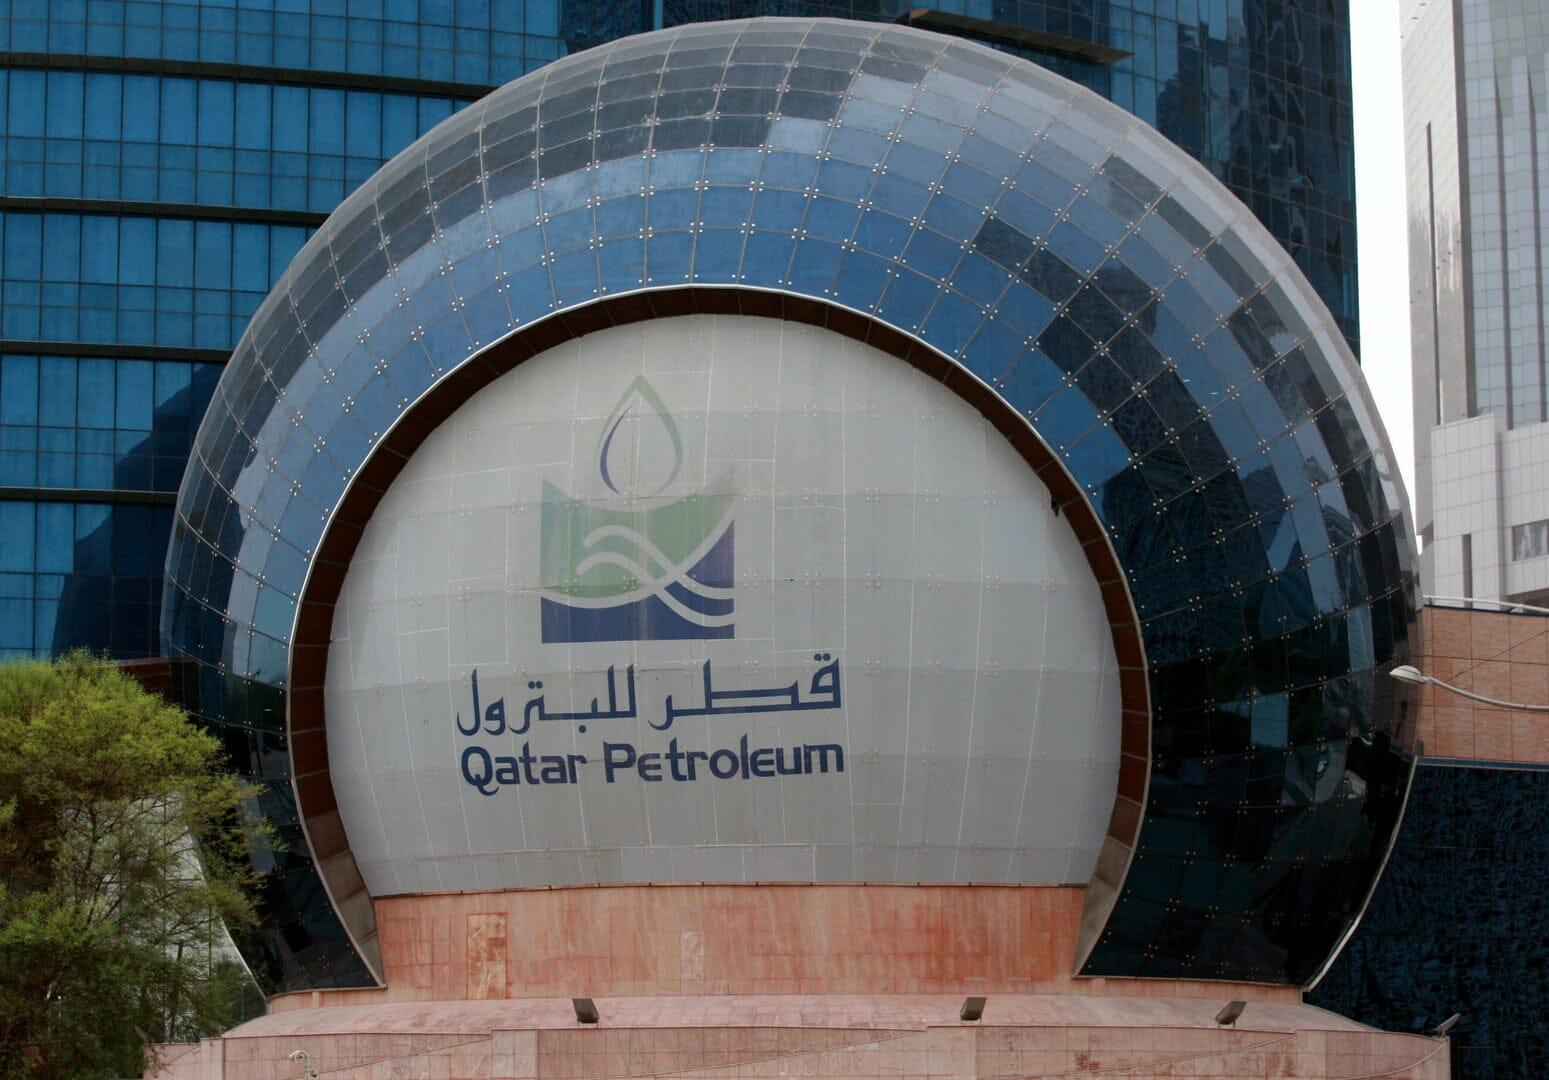 """""""رويترز"""": قطر أحكمت قبضتها على سوق الغاز العالمية وصعب منافستها"""